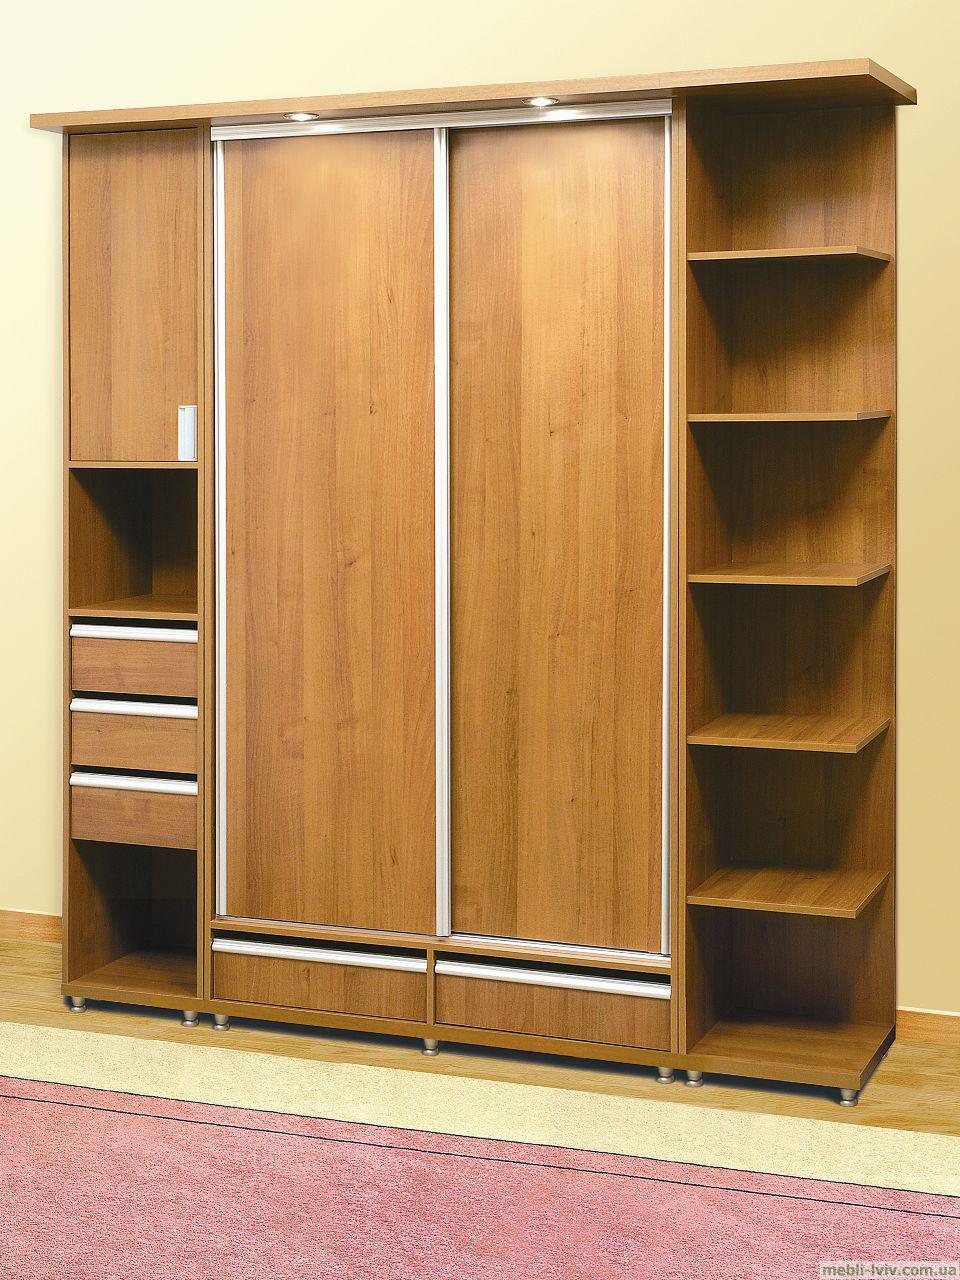 Примеры шкафов-купе от разных производителей - изготовление .